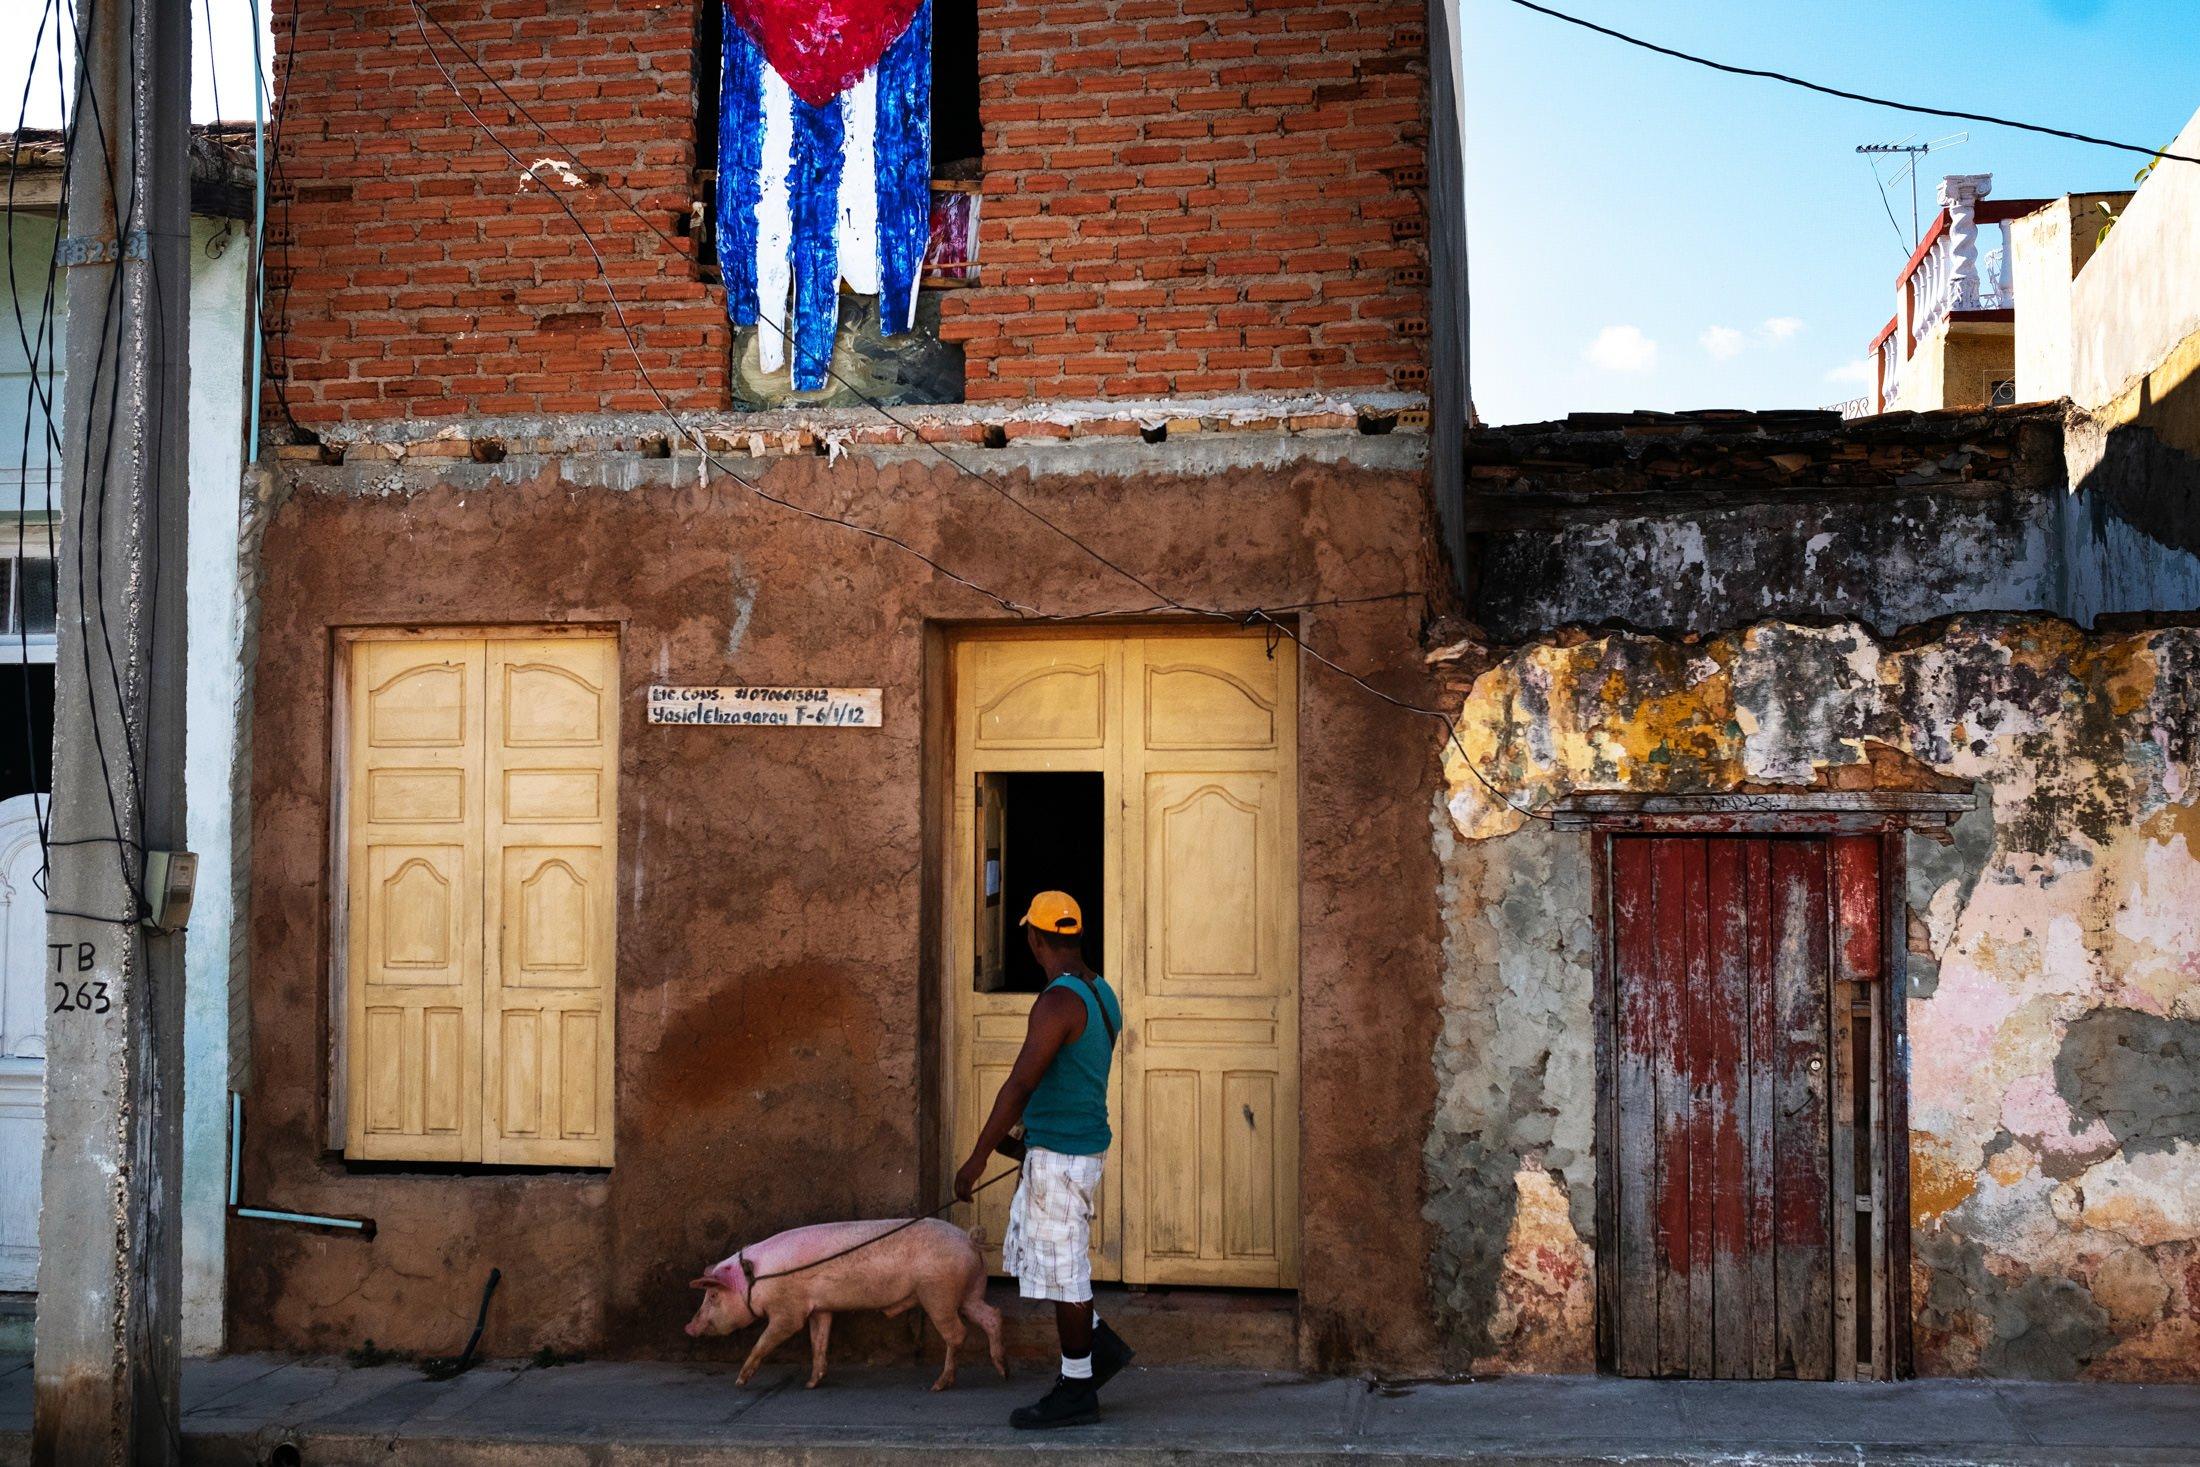 a man walking a pig in Havana, Cuba